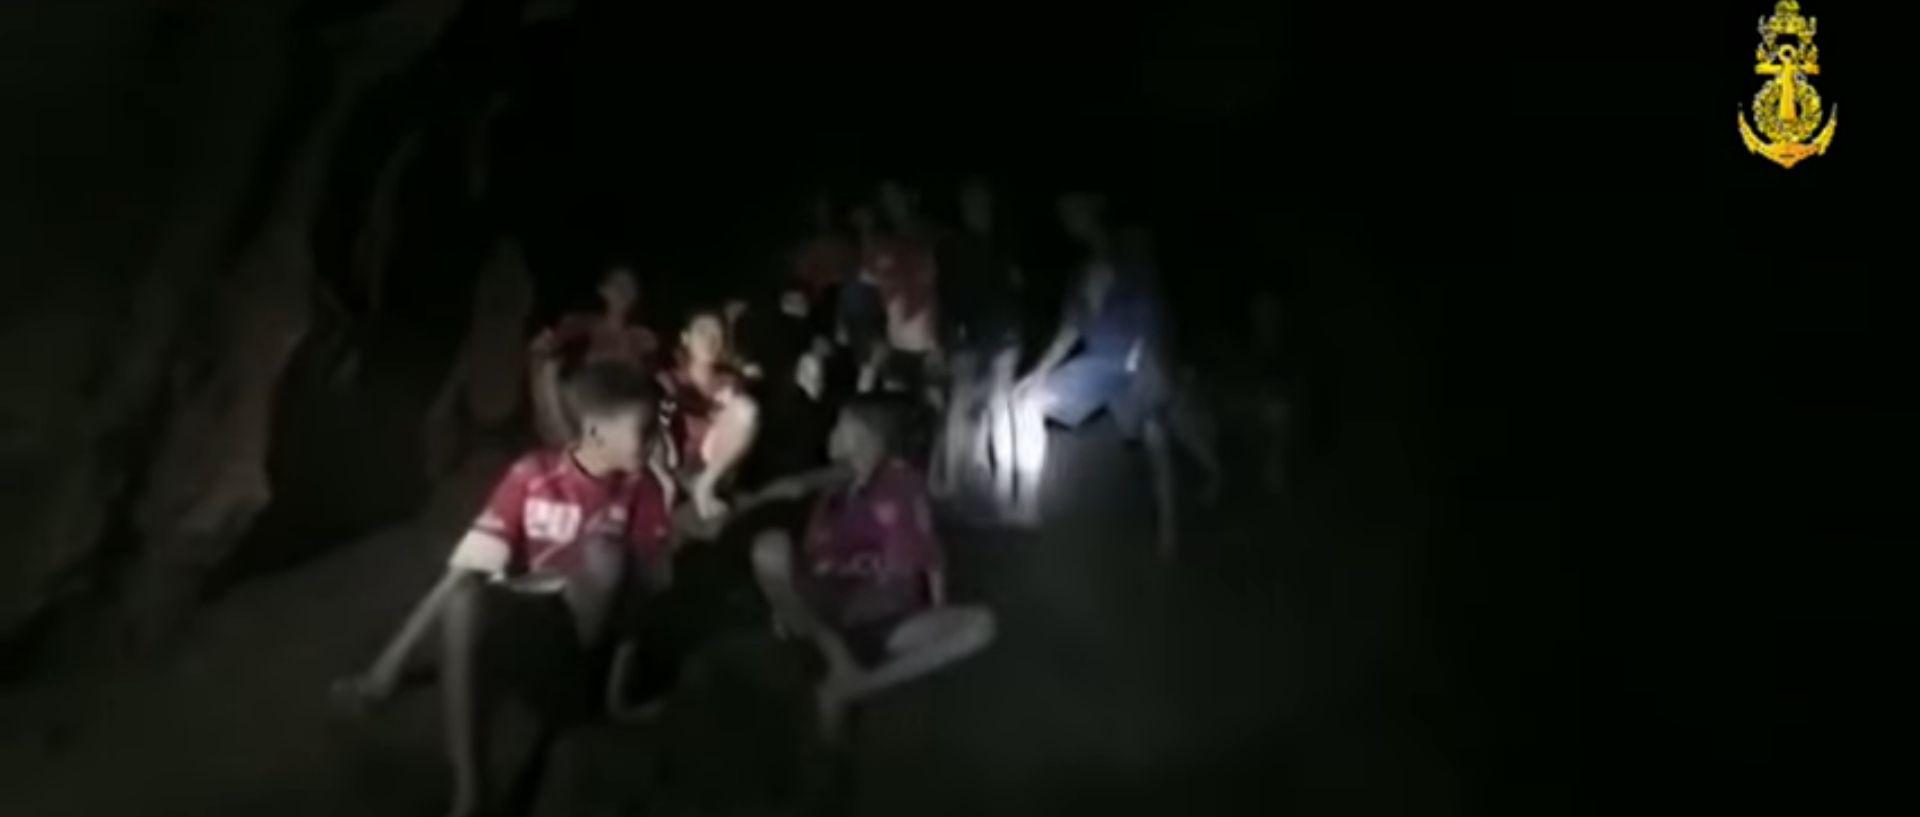 VIDEO: Spasioci ne znaju kako će izvući dječake, ronjenje bi moglo biti smrtonosno